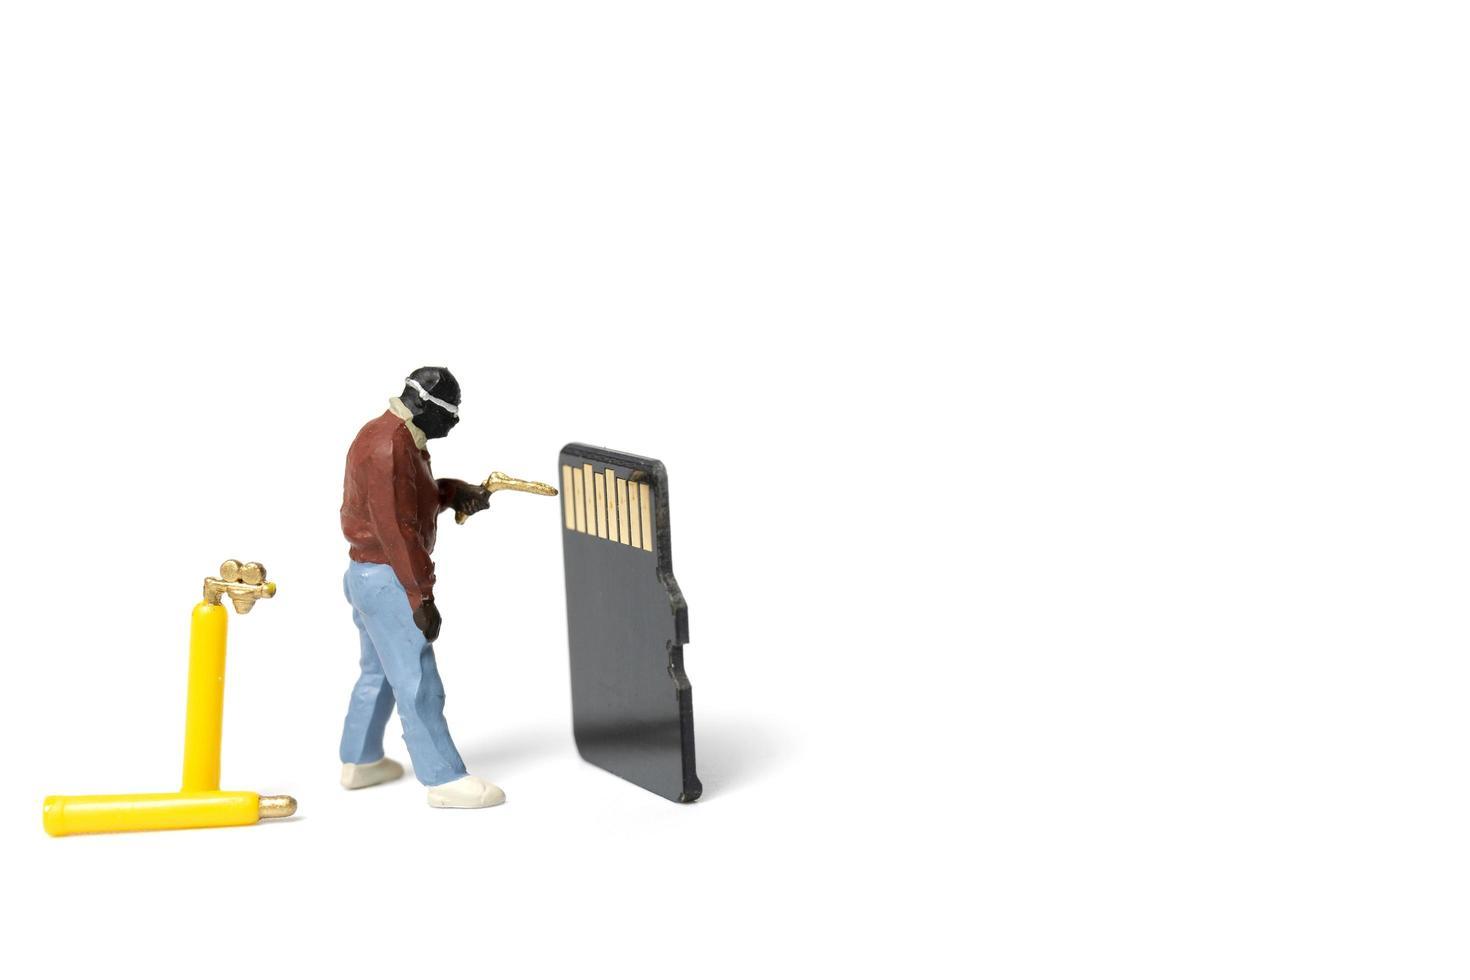 miniatyrtekniker som fixar hög SD-kort på en vit bakgrund foto